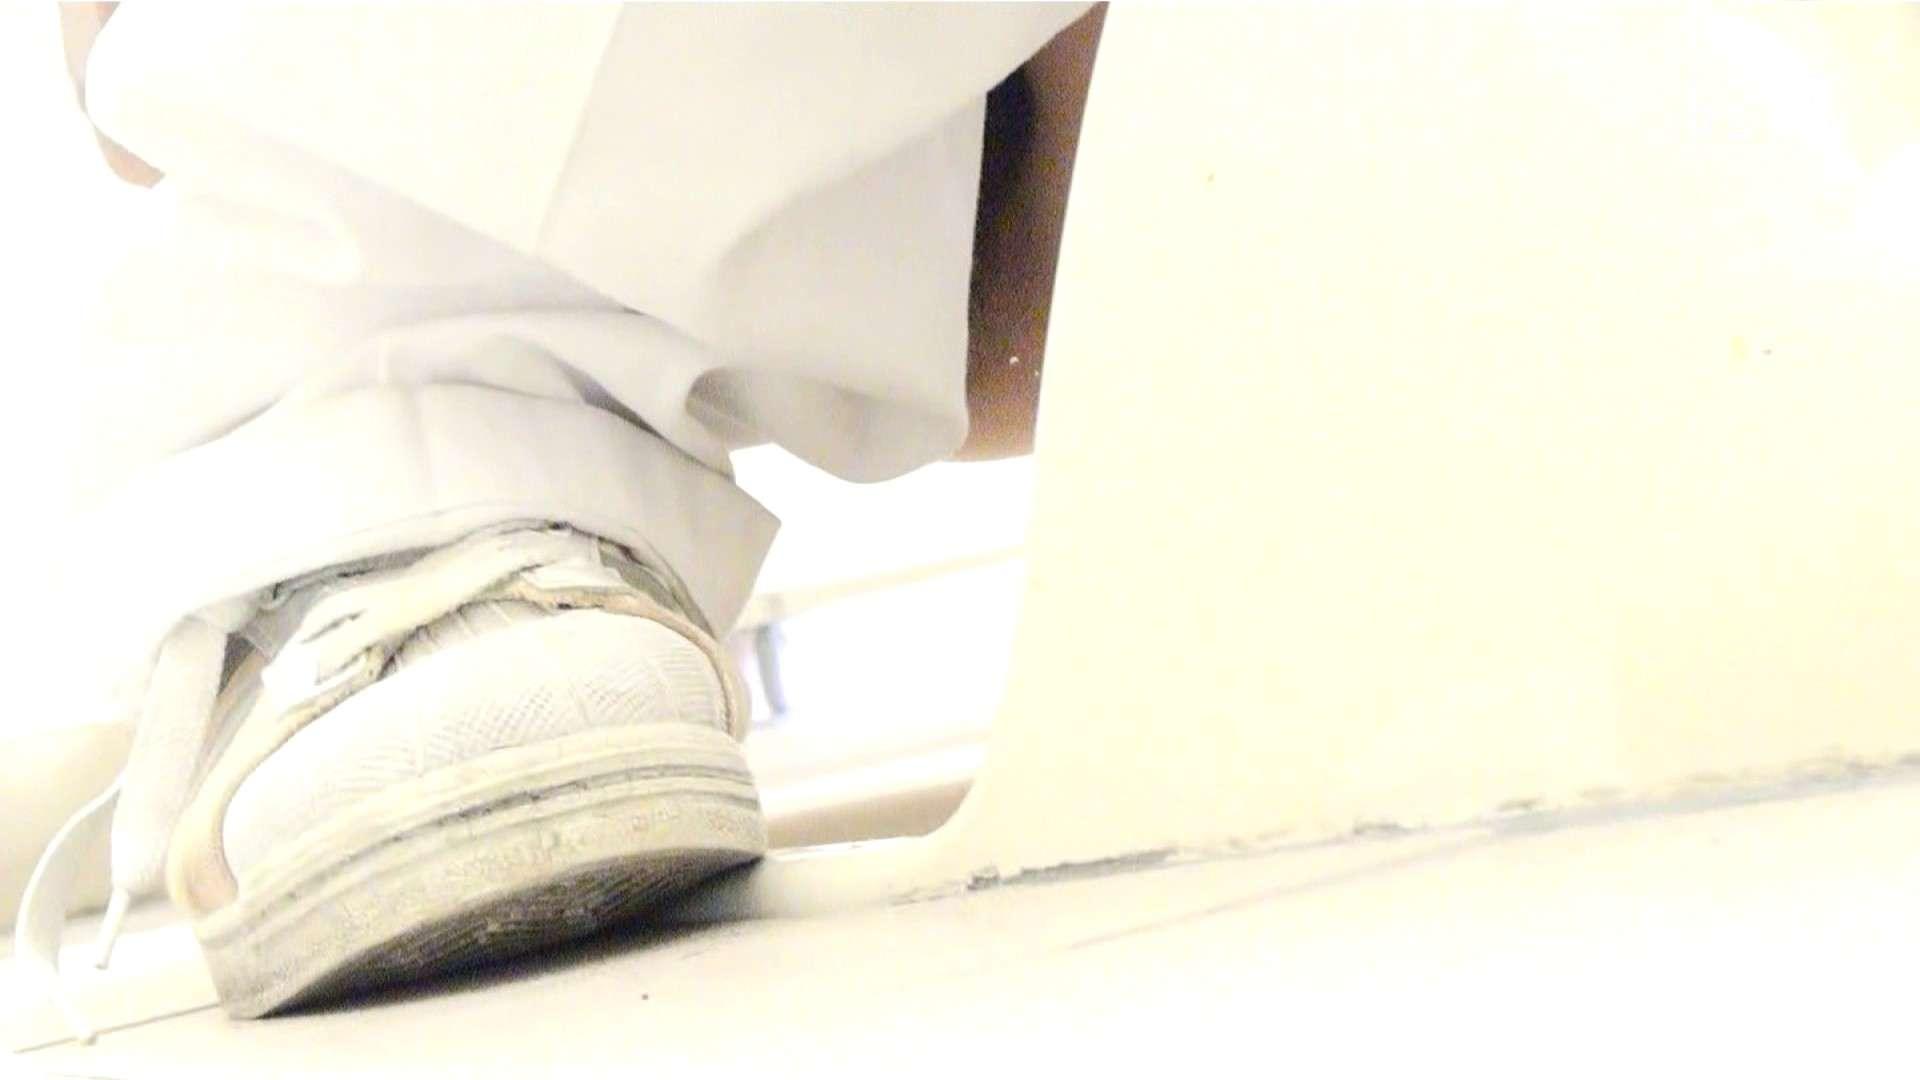 至高下半身盗撮-PREMIUM-【院内病棟編 】 vol.05 下半身 オマンコ動画キャプチャ 75pic 28